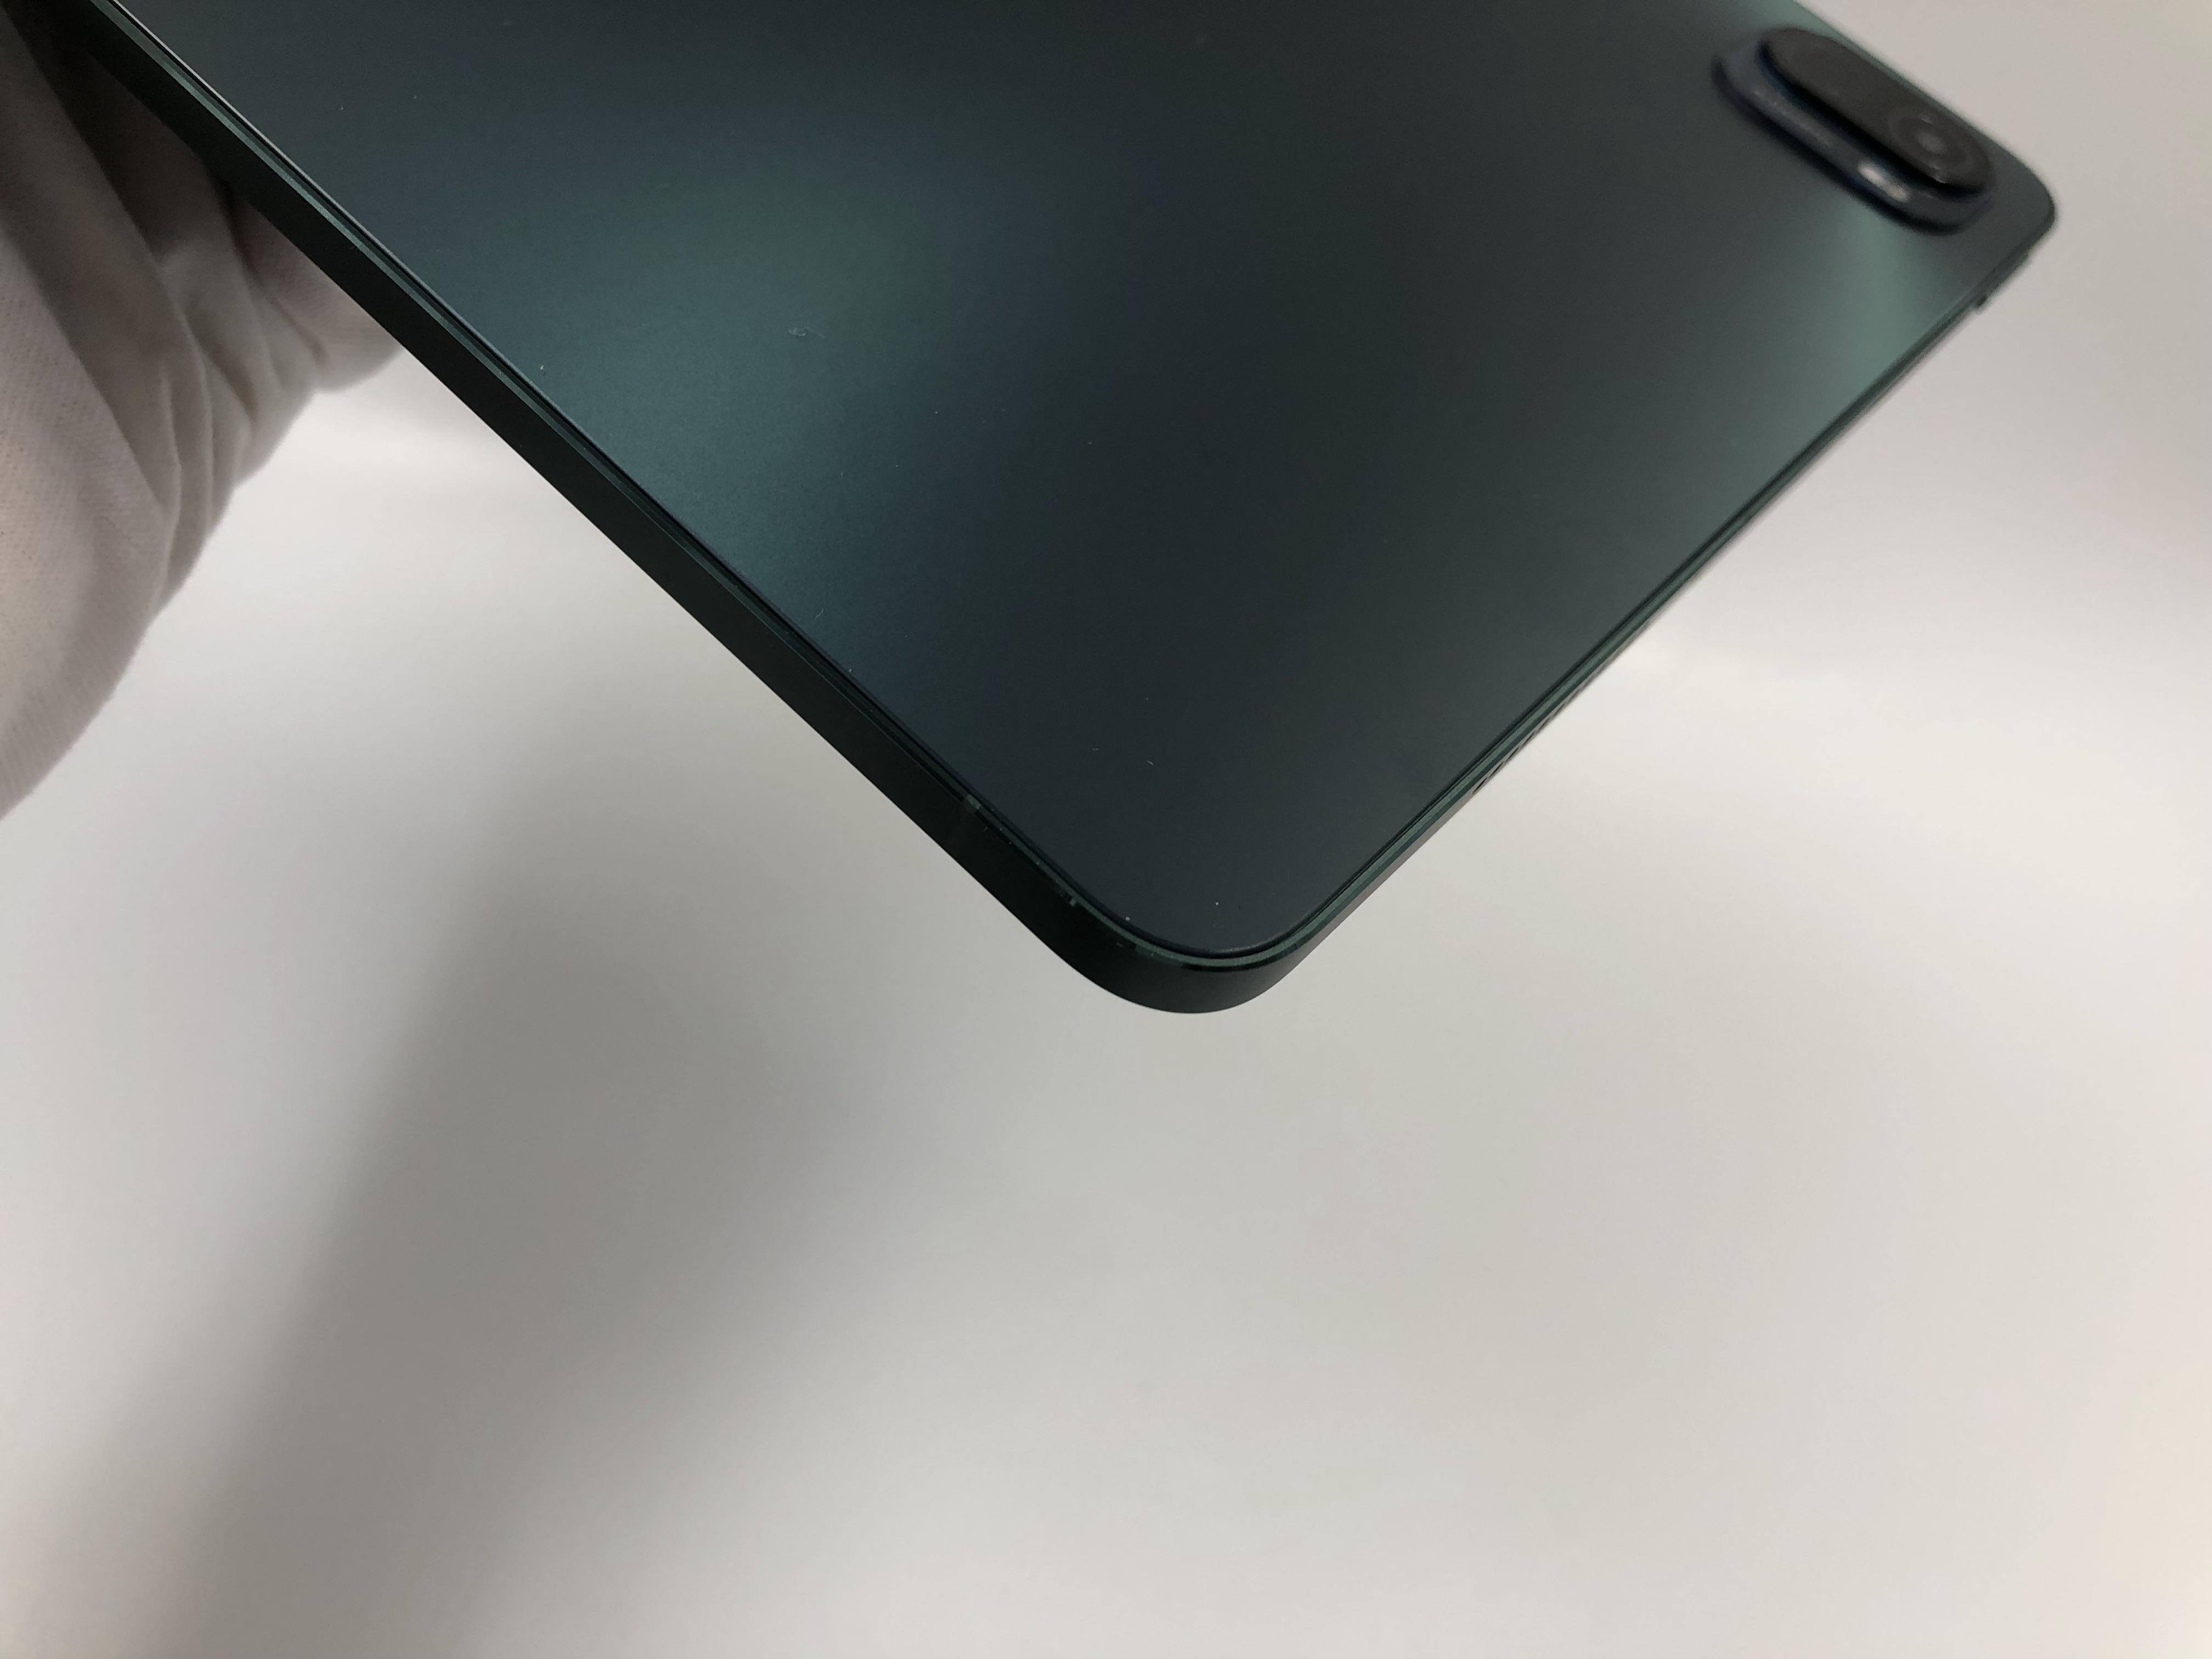 小米【平板5】WIFI版 绿色 6G/128G 国行 99新